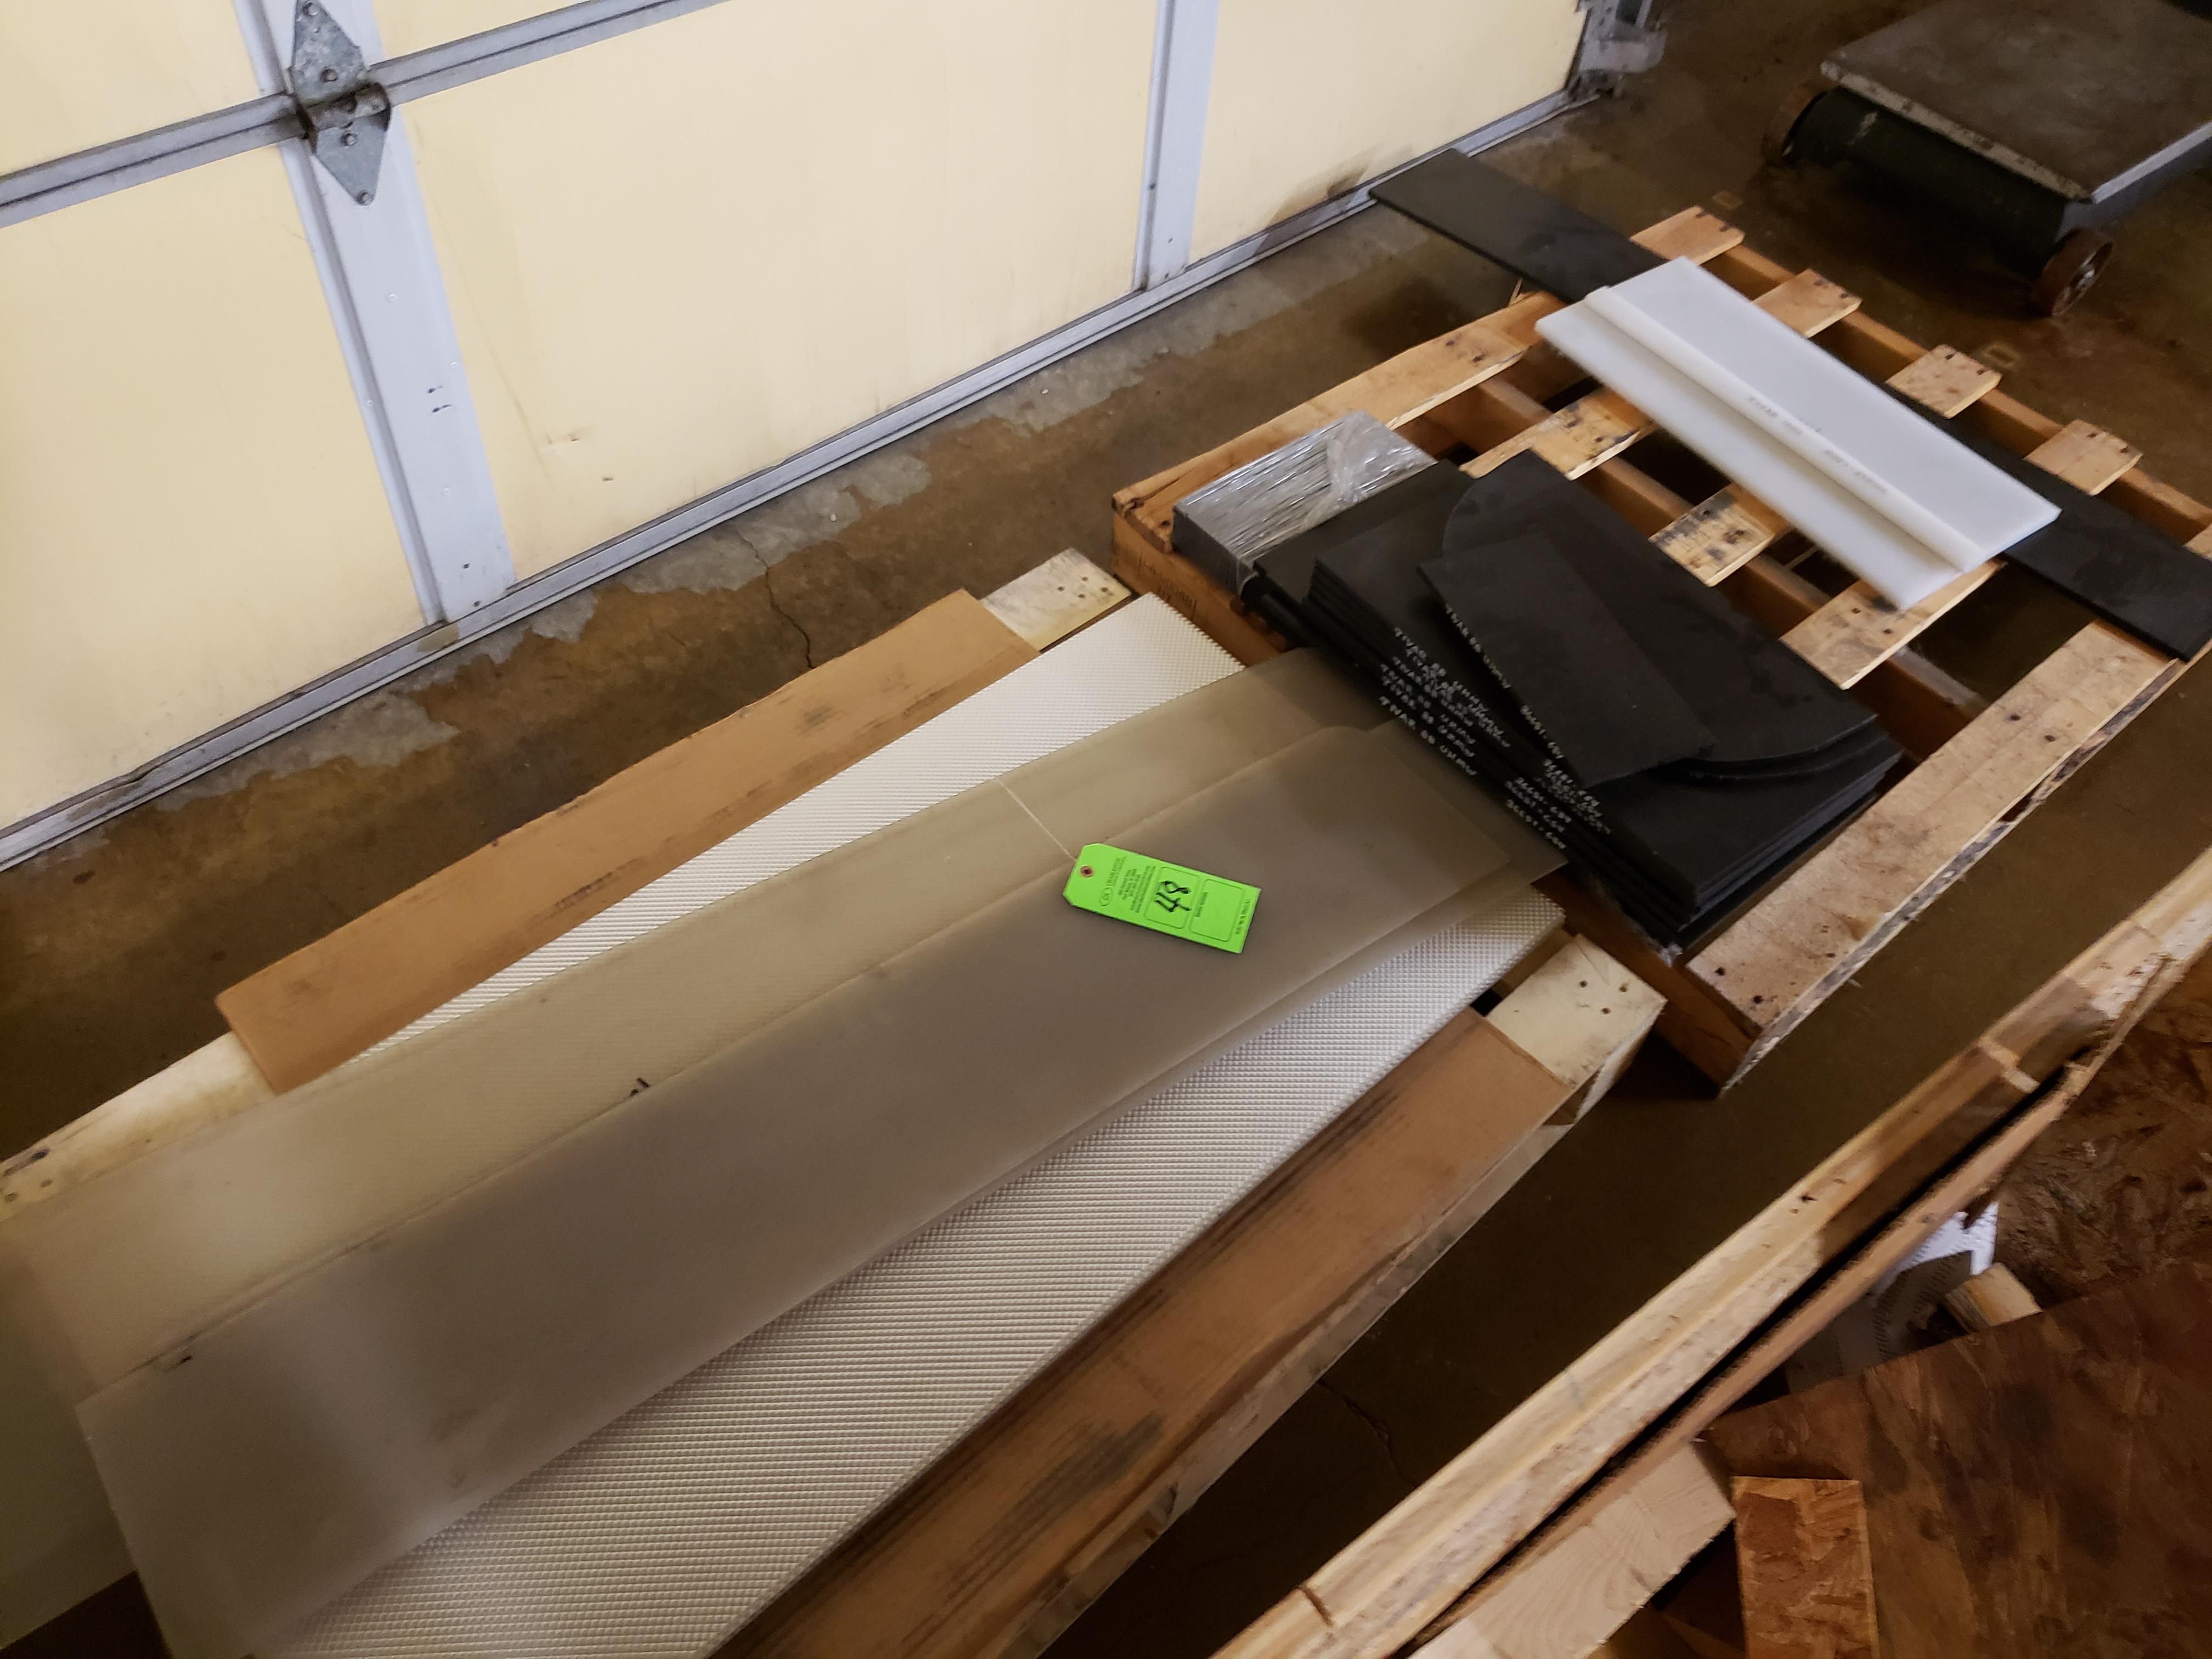 Lot 48 - (2) PALLETS OF UHMW TIVAR PLASTIC